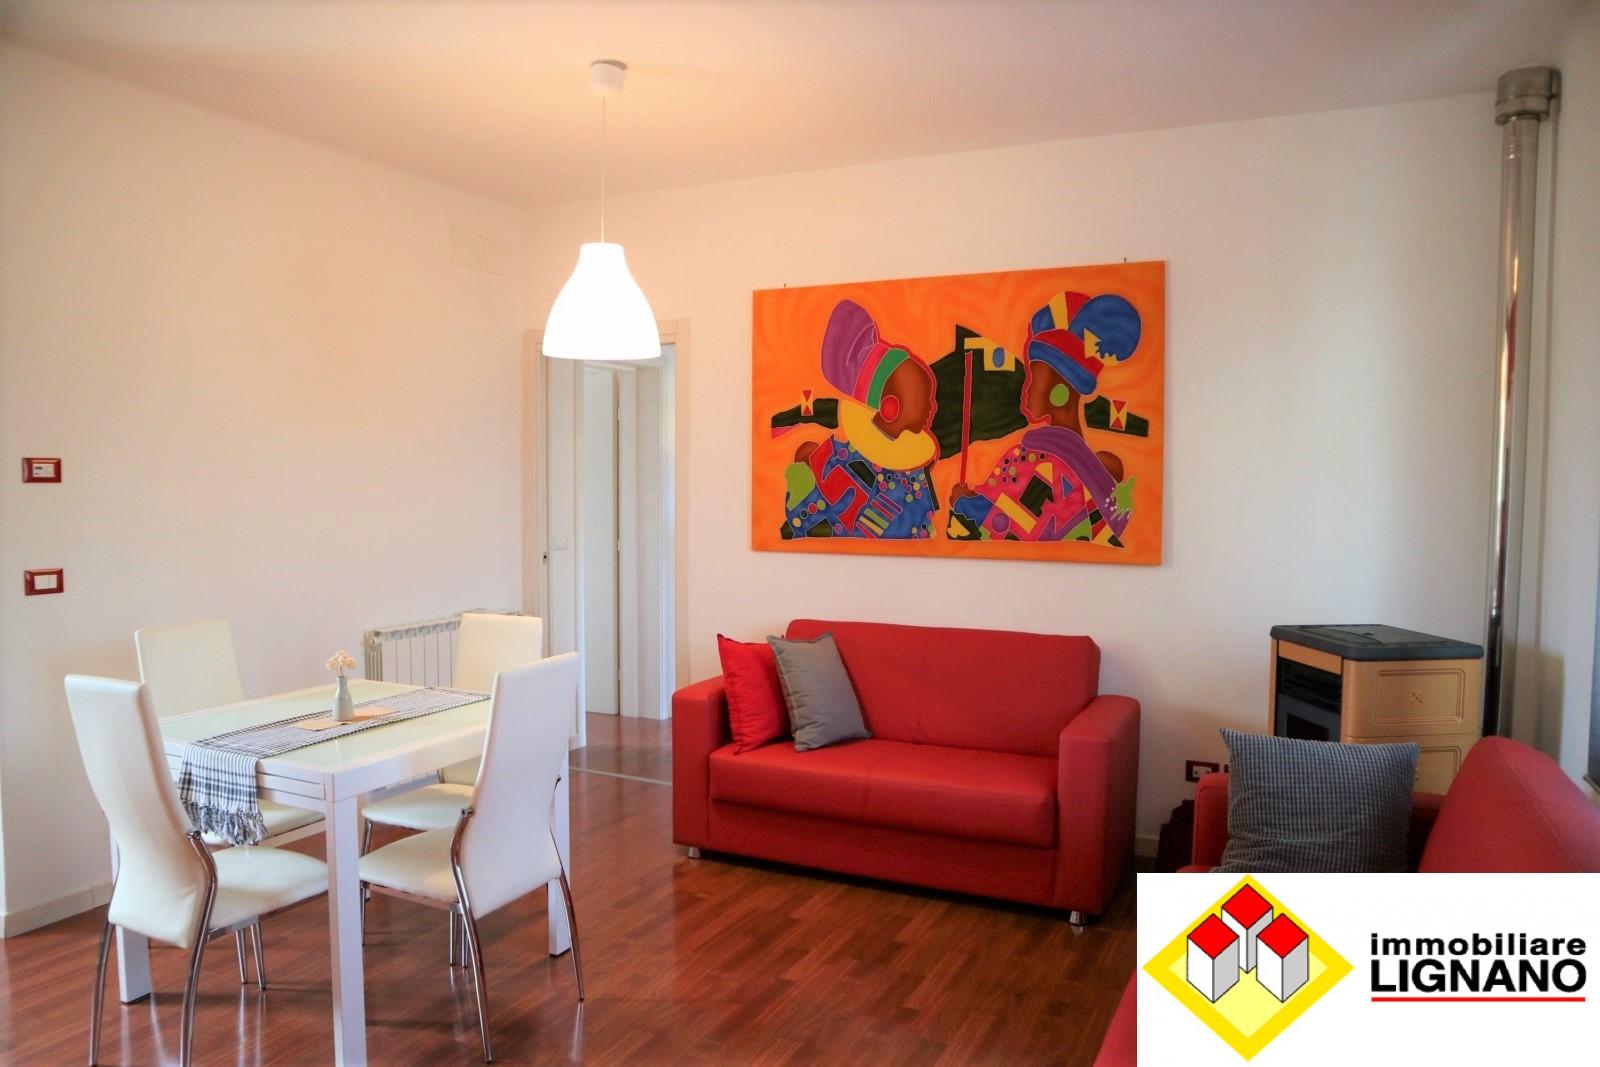 Appartamento in affitto a Latisana, 4 locali, zona Località: Centro, prezzo € 550   CambioCasa.it